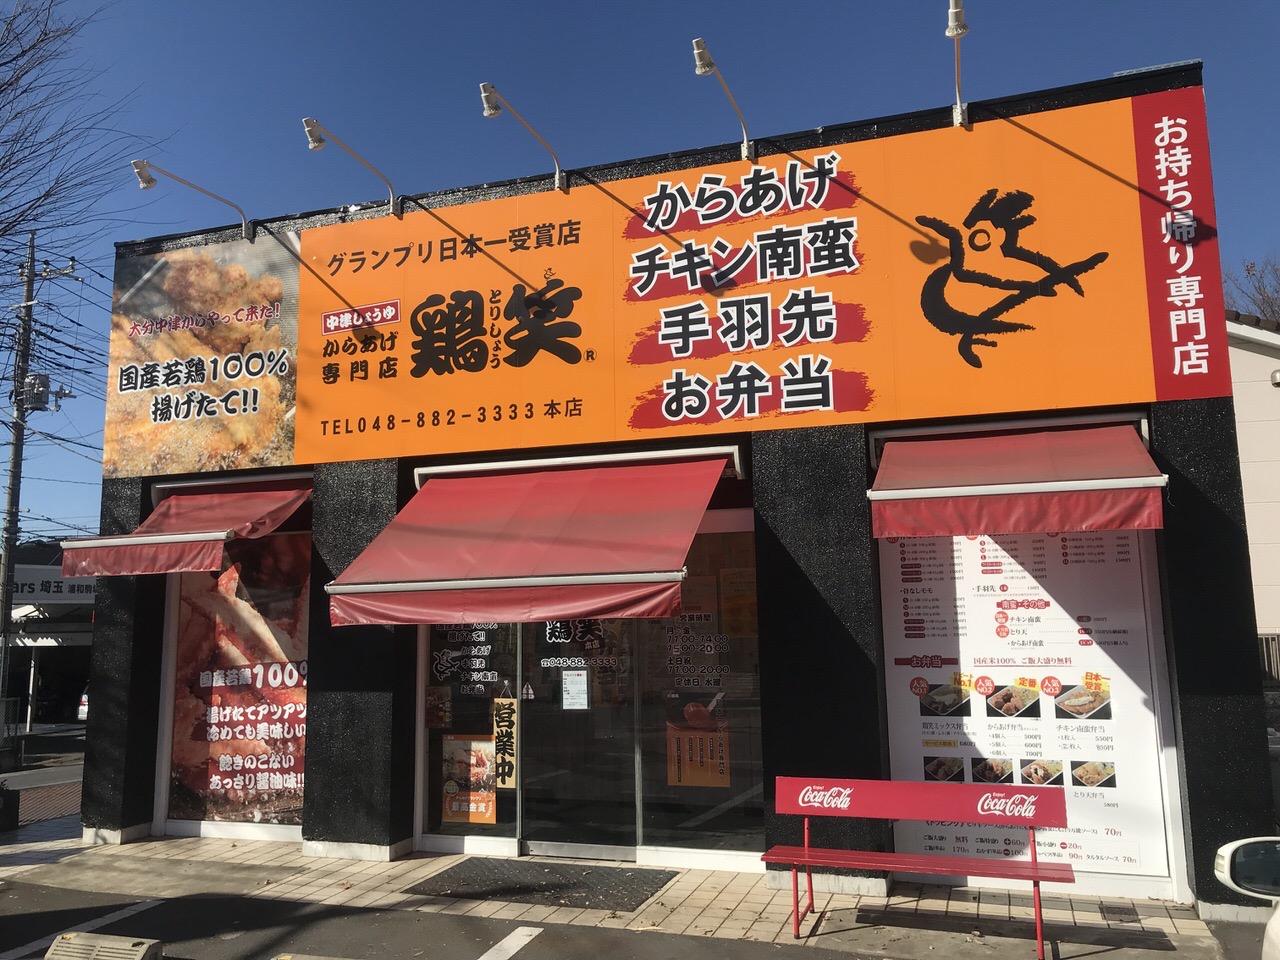 「鶏笑 浦和本店」絶品のモモ唐揚げ弁当/一番人気の鶏笑弁当